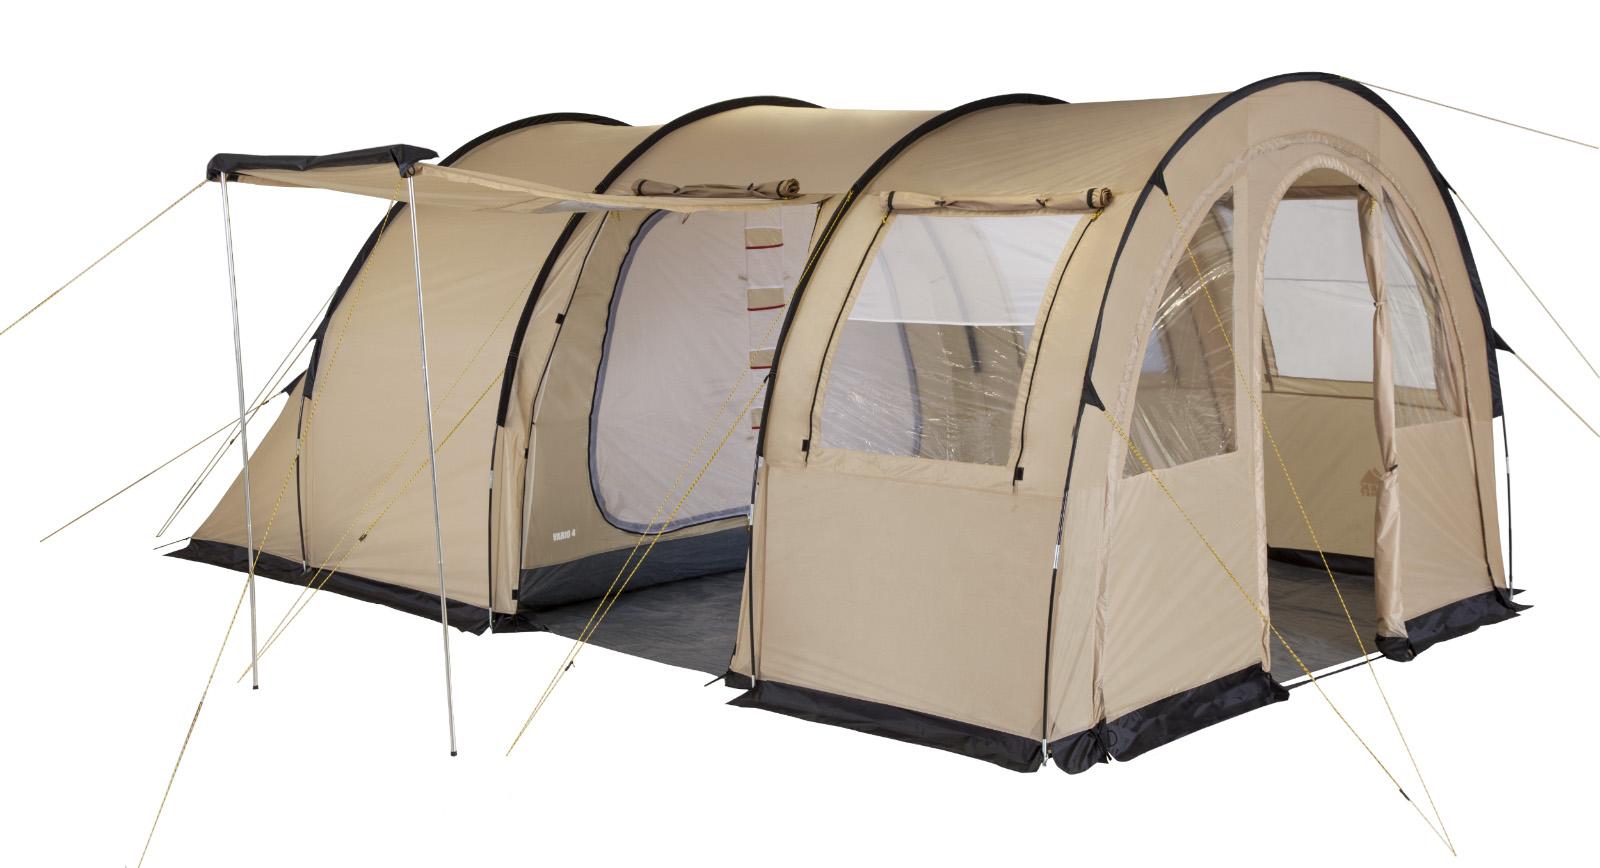 Палатка пятиместная TREK PLANET Vario 5, цвет: песочный62404Пятиместная двухслойная семейная палатка в форме полубочки TREK PLANET Vario 5 с отличной вентиляцией и огромным помещением, позволяющим с комфортом расположиться внутри всей семьей или небольшой компании отдыхающих- отличный выбор для семейного кемпинга и отдыха на природе.Особенности модели:- Размер спальной комнаты: 240 см х 350 см х 210 см;- Тент палатки из полиэстера с пропиткой PU надежно защищает от дождя и ветра;- Все швы проклеены;- Большое и высокое внутреннее помещение, где свободно размещается кемпинговый стол и стулья на 4-5 человек;- Съемный пол в тамбуре из армированного полиэтилена;- Передняя стенка палатки может быть перестегнута на вторую секцию дуг, образуя козырек перед палаткой, а также может быть снята совсем;- Четыре обзорных окна со шторкой во внутреннем помещении, совмещенные с вентиляционными окнами.- Защитная юбка из армированного полиэтилена по периметру внутреннего помещения;- Большой выносной козырек на металлических стойках;- Дуги из прочного стеклопластика;- Дно из прочного водонепроницаемого армированного полиэтилена позволяет устанавливать палатку на жесткой траве, песчаной поверхности, глине и т.д.;- Внутренняя палатка из дышащего полиэстера, обеспечивают вентиляцию помещения и позволяют конденсату испаряться, не проникая внутрь палатки;- Трехпозиционные вентиляционные окна в спальных отделениях (закрыто, частично открыто, полностью открыто);- Разделительная перегородка в спальном отделении;- Раздельный вход в каждое спальное отделение;- Москитные сетки на на каждом входе во внутреннюю палатку в полный размер двери;- Внутренние карманы для мелочей;- Удобный органайзер между D-образными дверьми в спальное отделение;- Возможность подвески фонаря в палатке.Для удобства транспортировки и хранения предусмотрен чехол из прочного полиэстера OXFORD, с двумя ручками и закрывающийся на застежку-молнию.